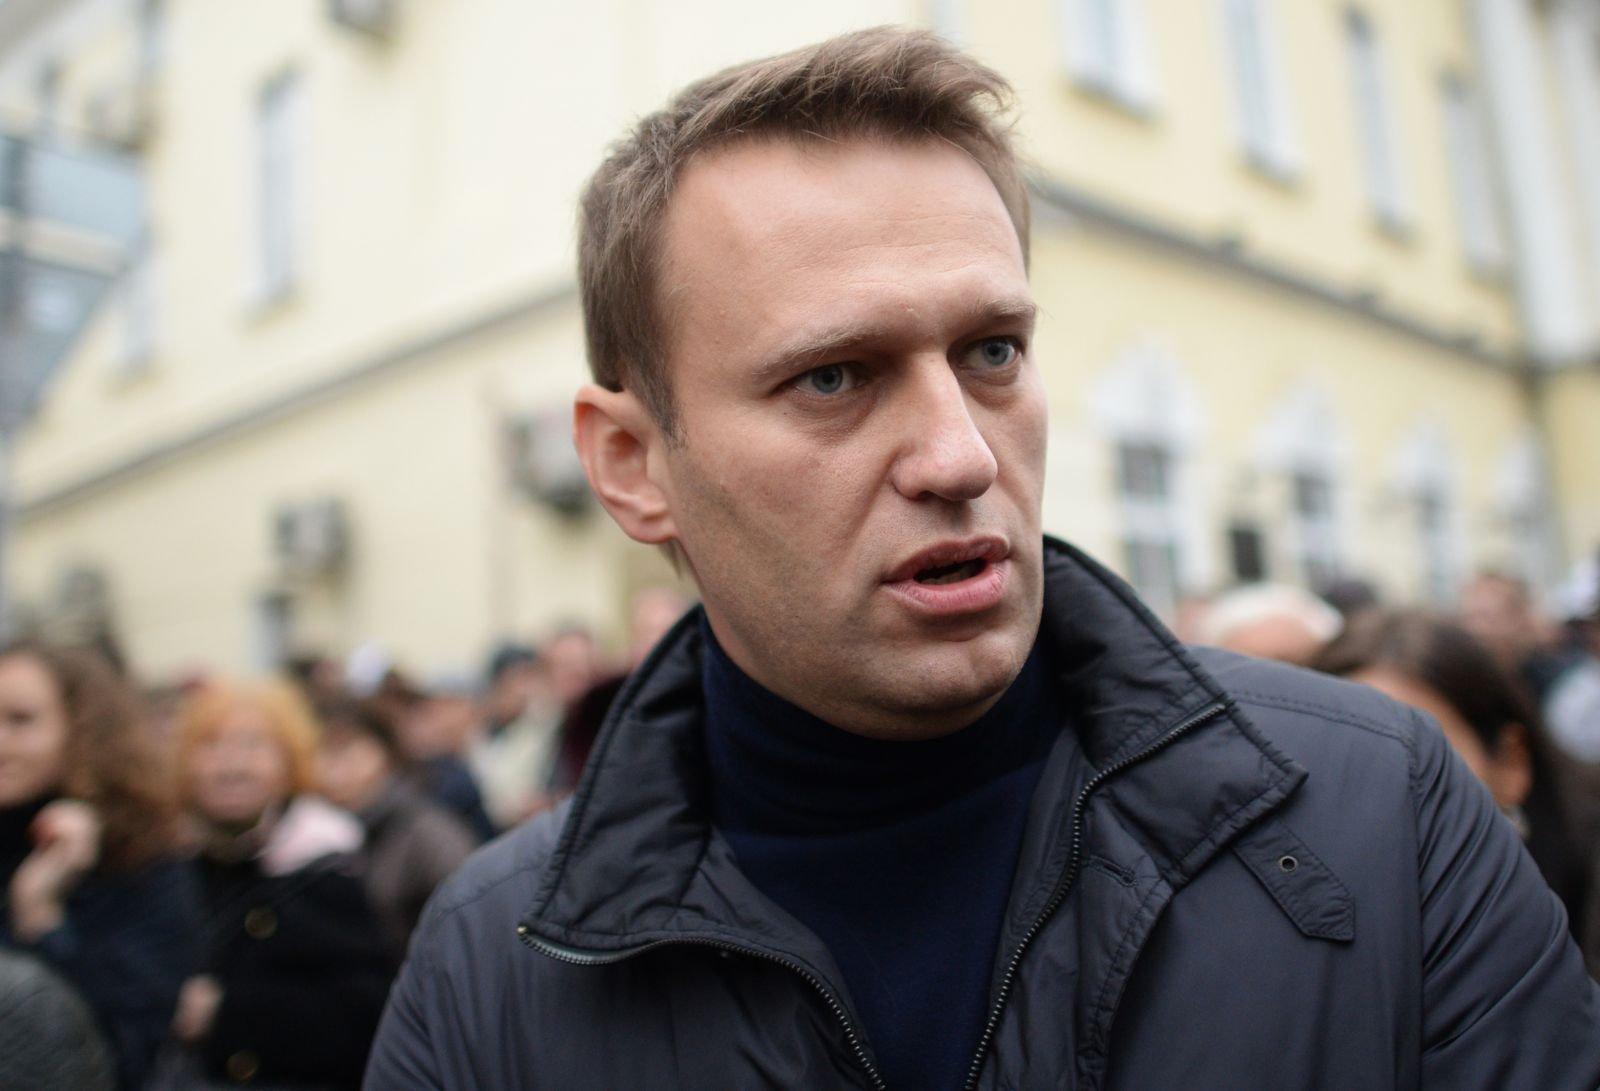 Сторонники Навального вМурманске собираются провести сегодня акцию на 5-ти Углах